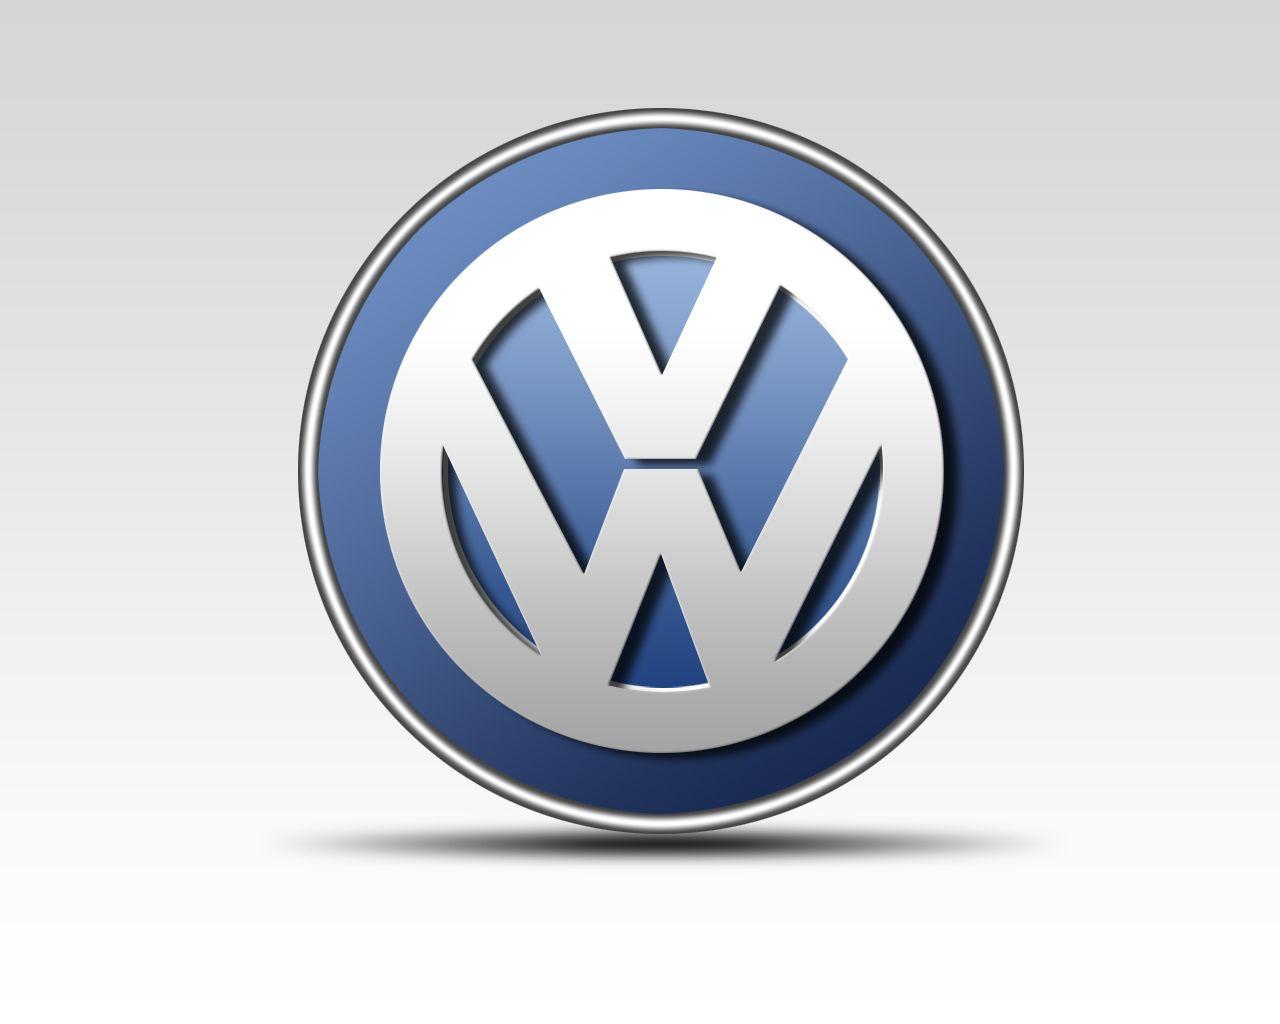 volkswagen logo vector 1280x1024 Volkswagen, Volkswagen